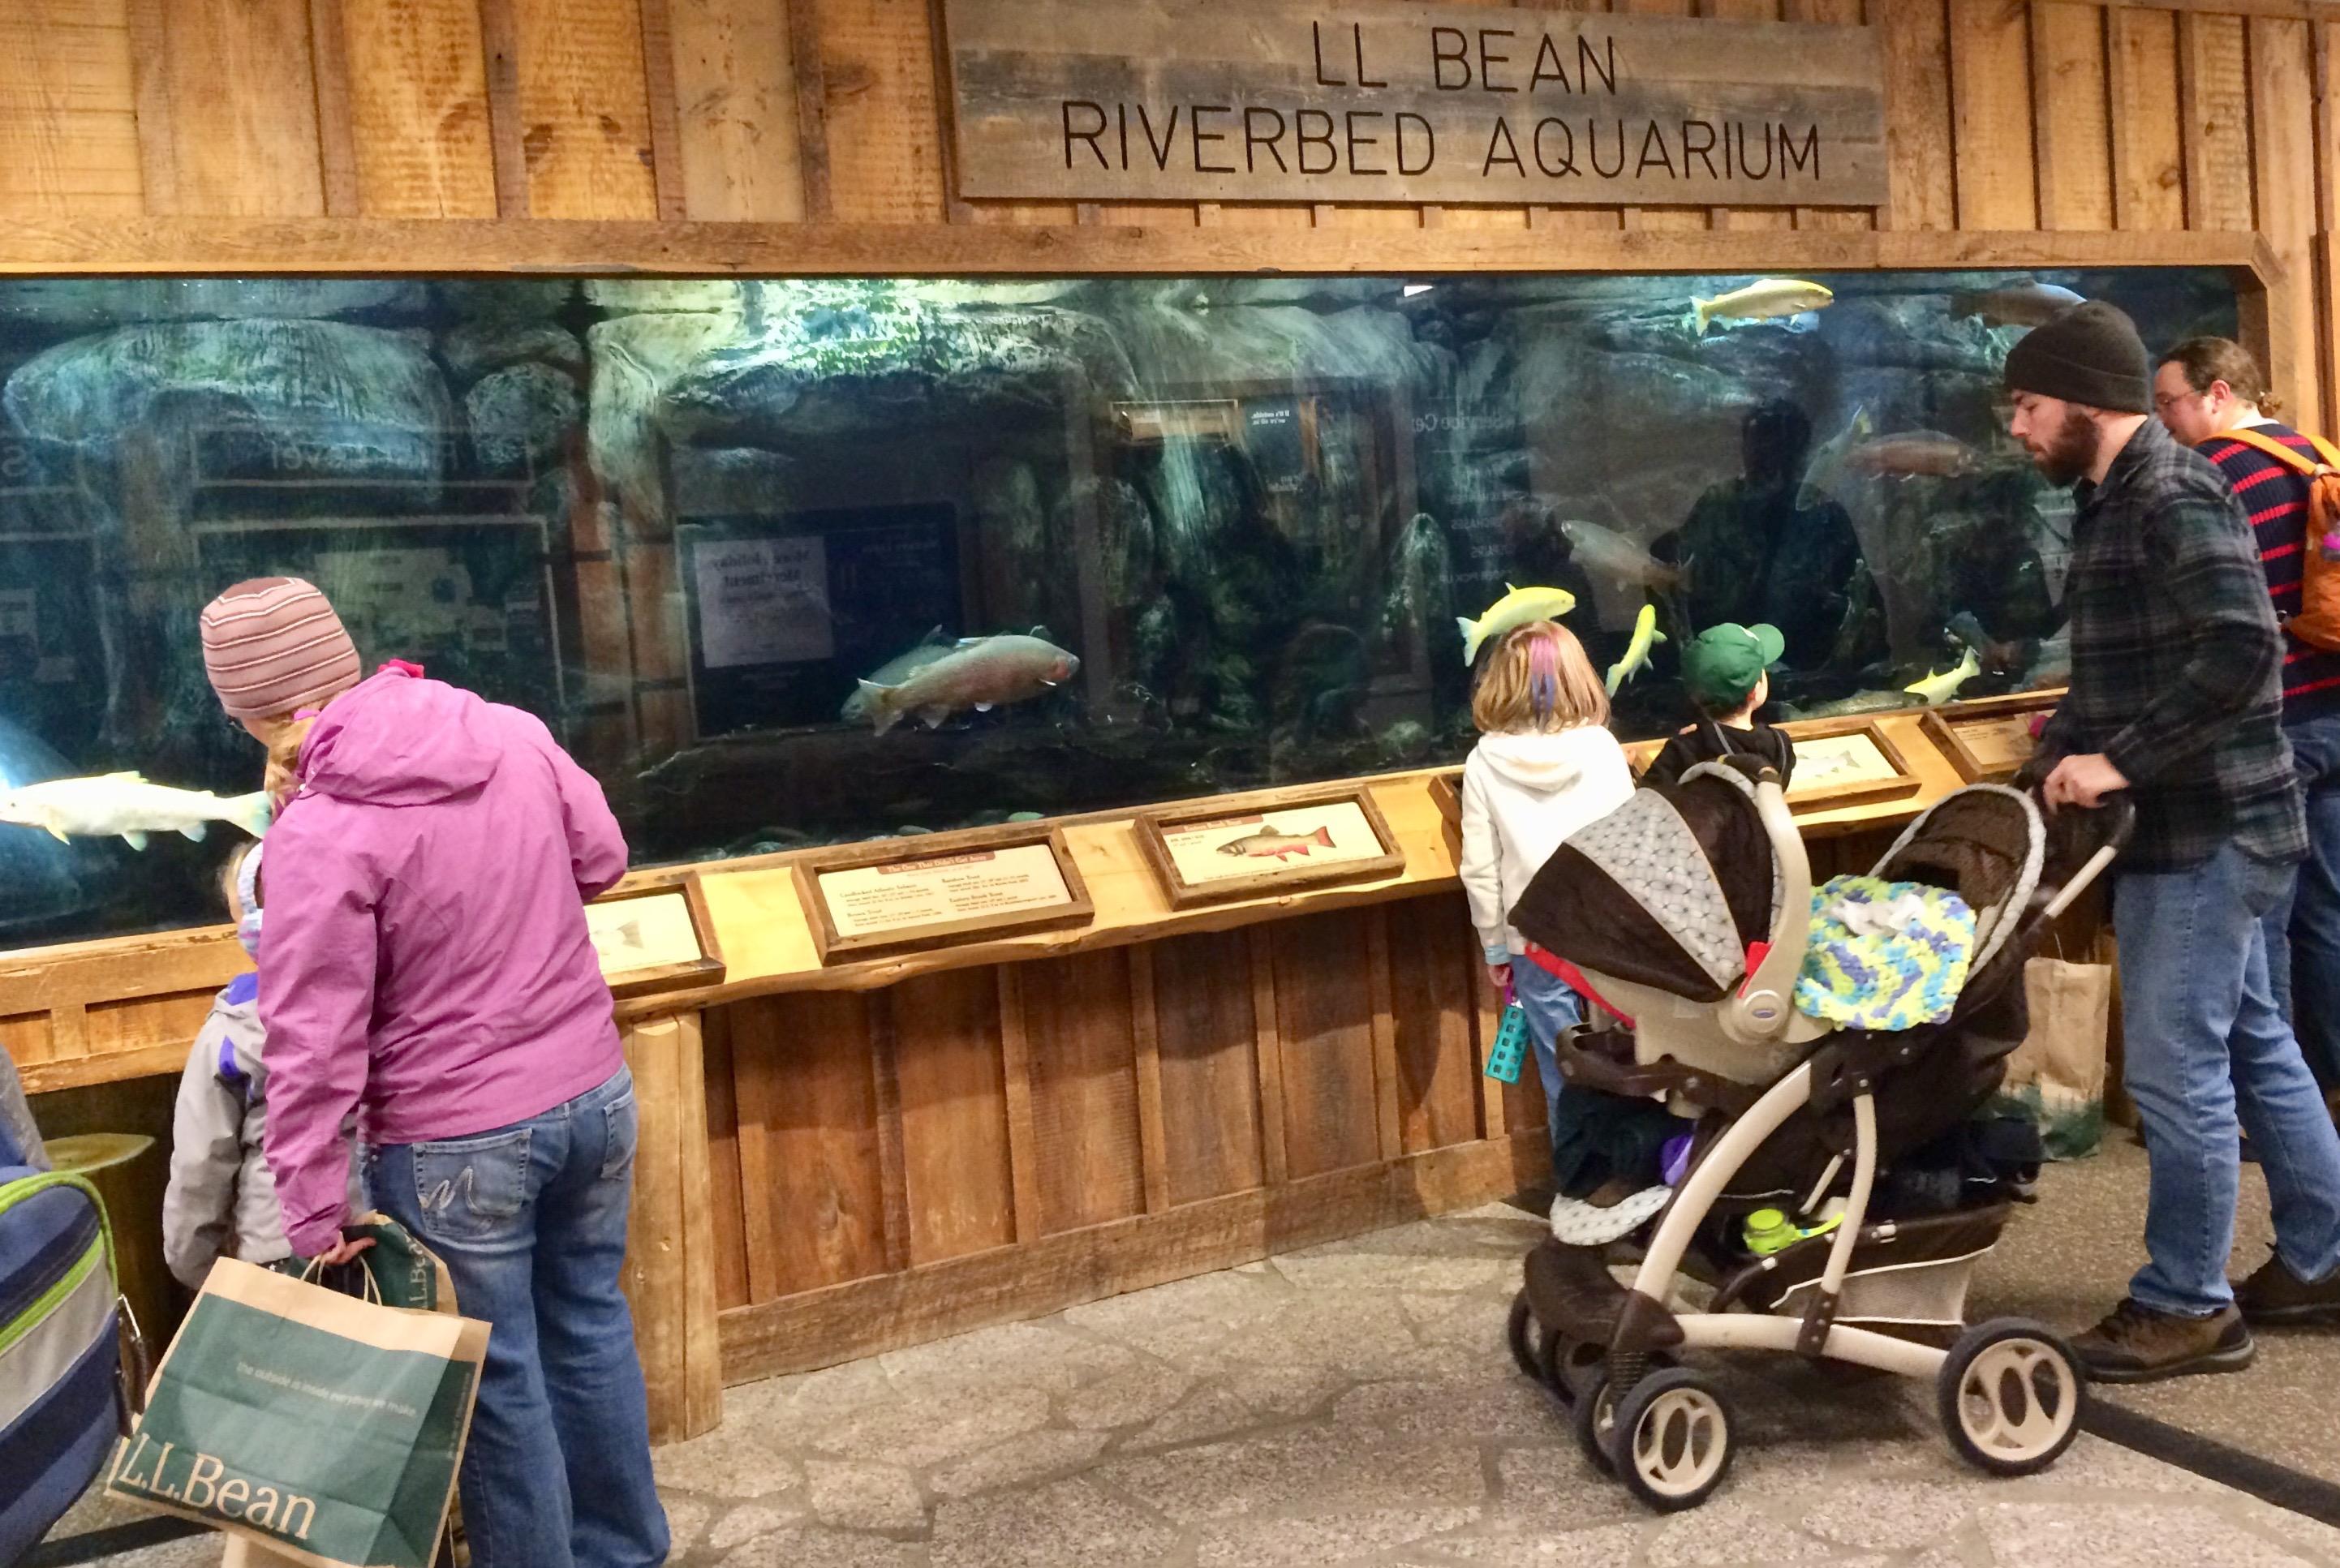 L.L. Bean aquarium